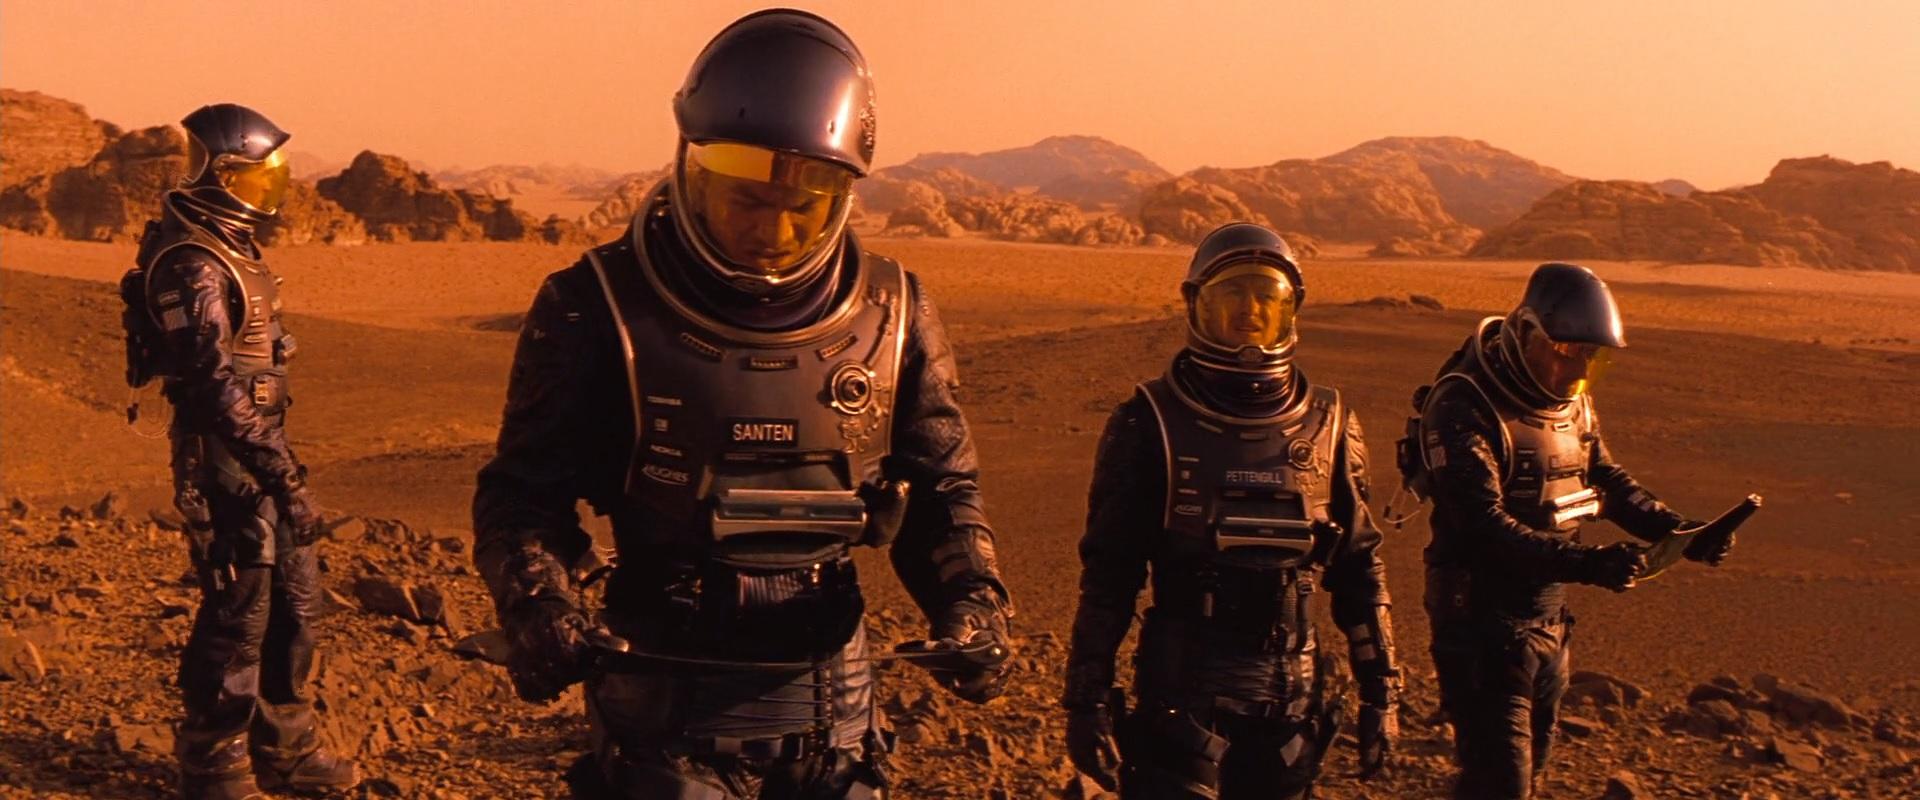 Filme Mars